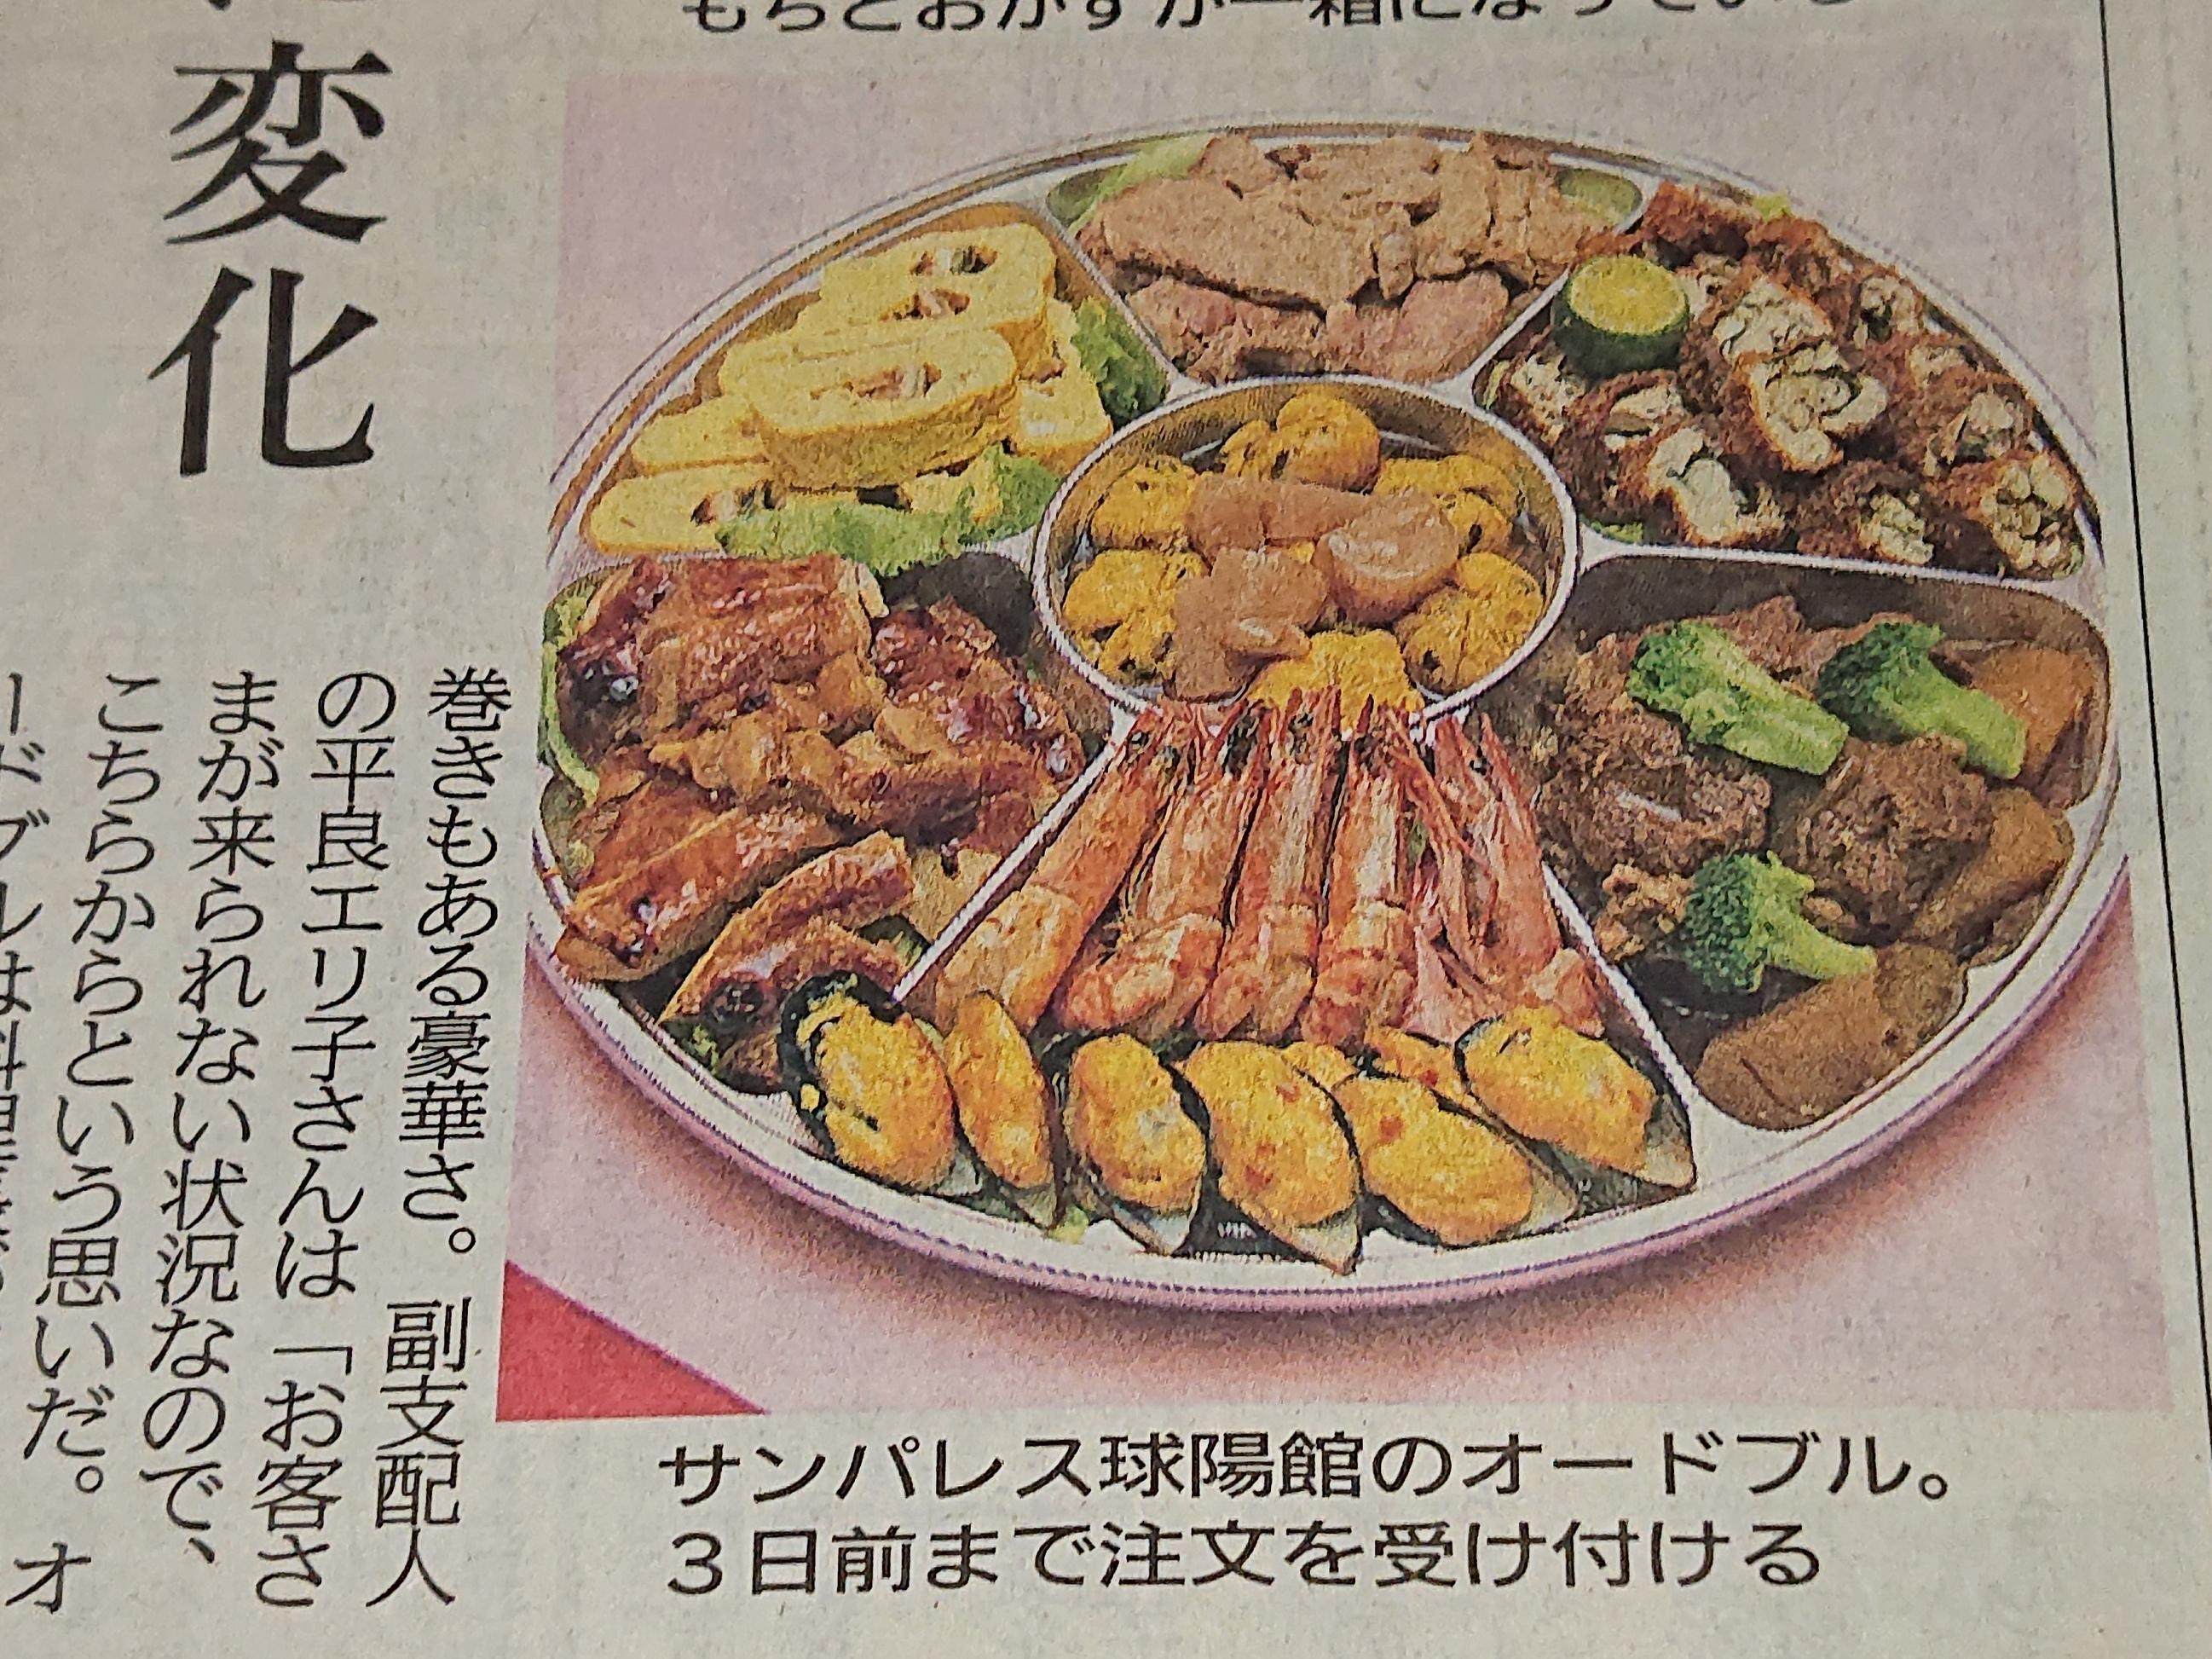 本日(8/22)琉球新報さん14面にオードブル記事掲載されいます。 ホテルサンパレス球陽館